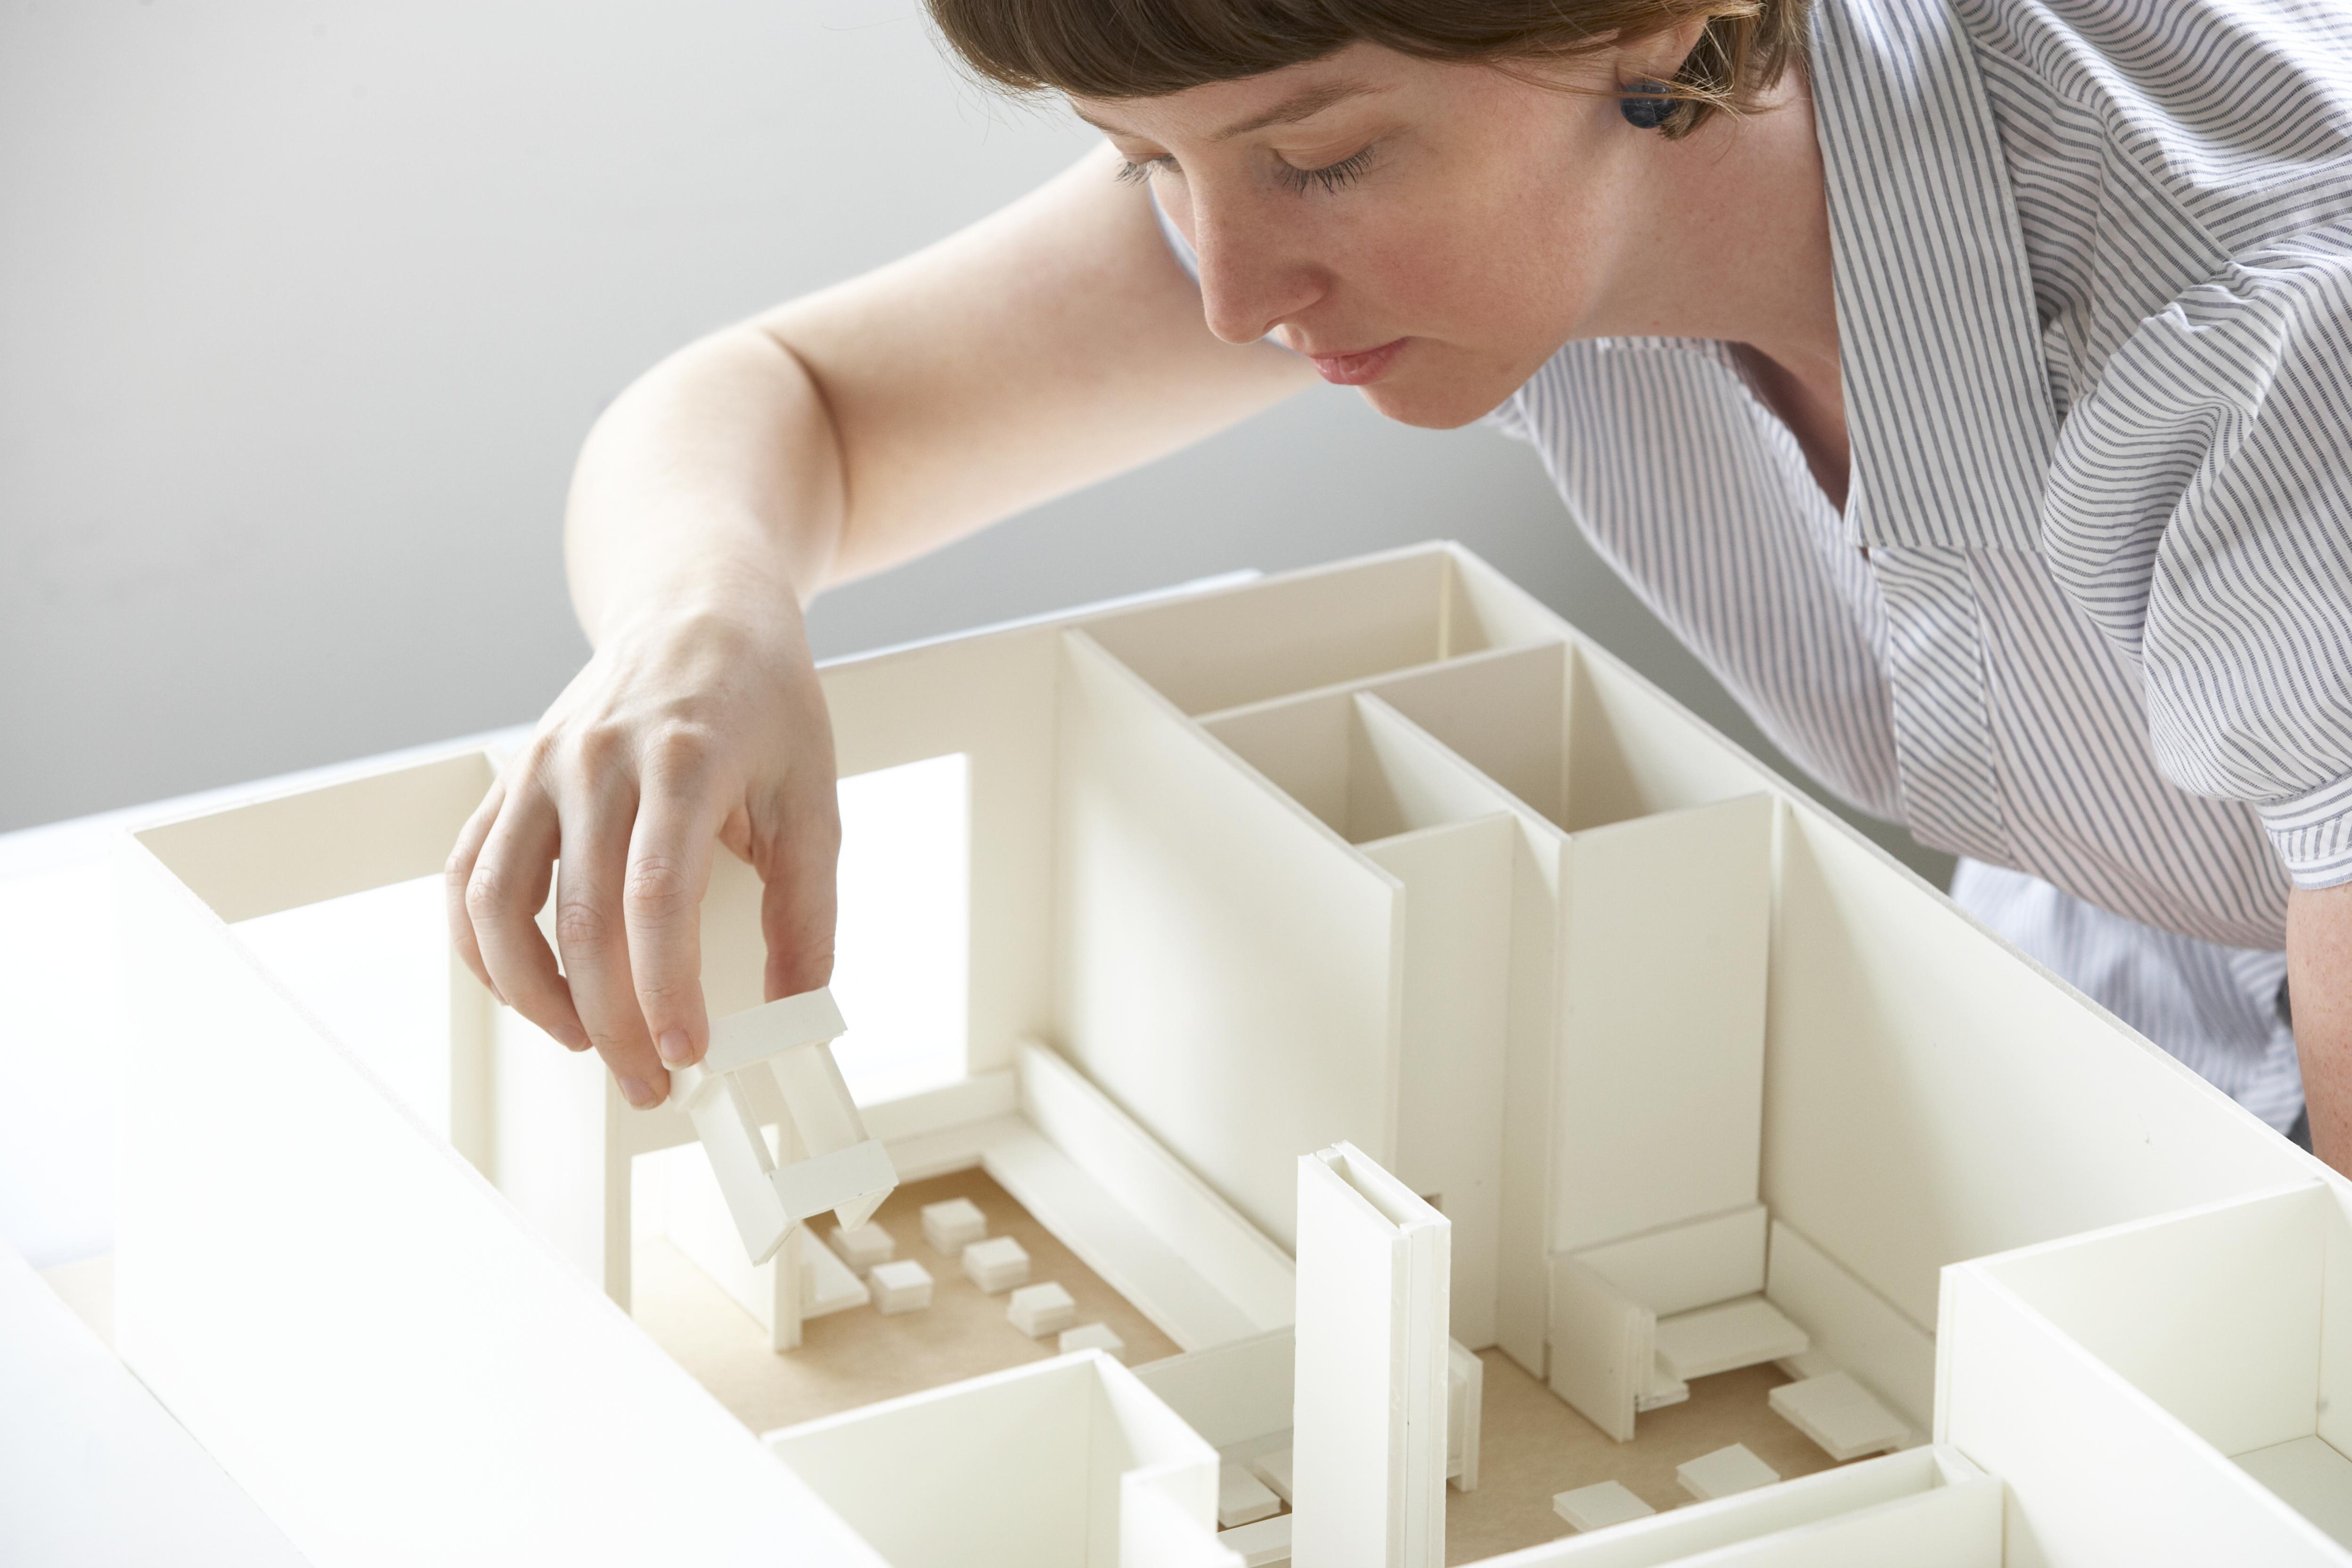 Học thiết kế nội thất để trở biến giấc mơ thành hiện thực